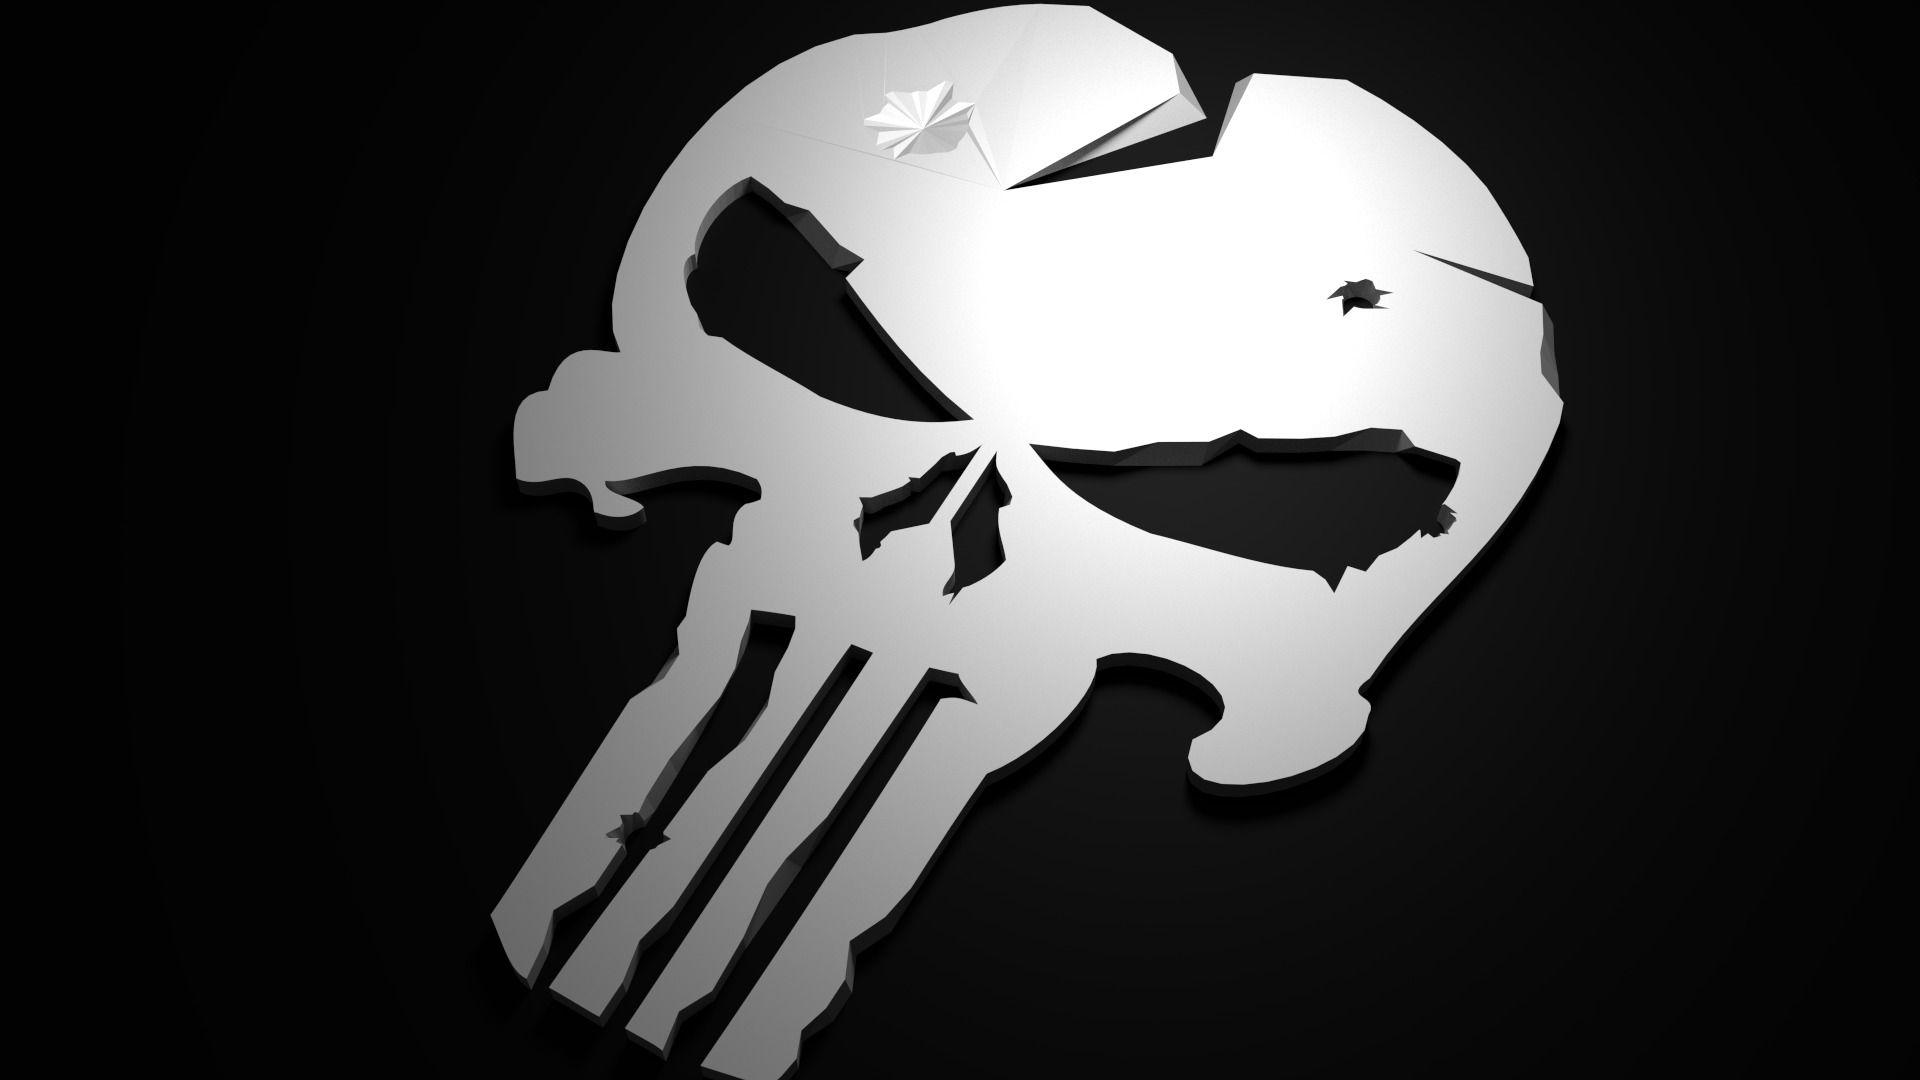 Punisher Skull hd wallpaper 1080p for pc